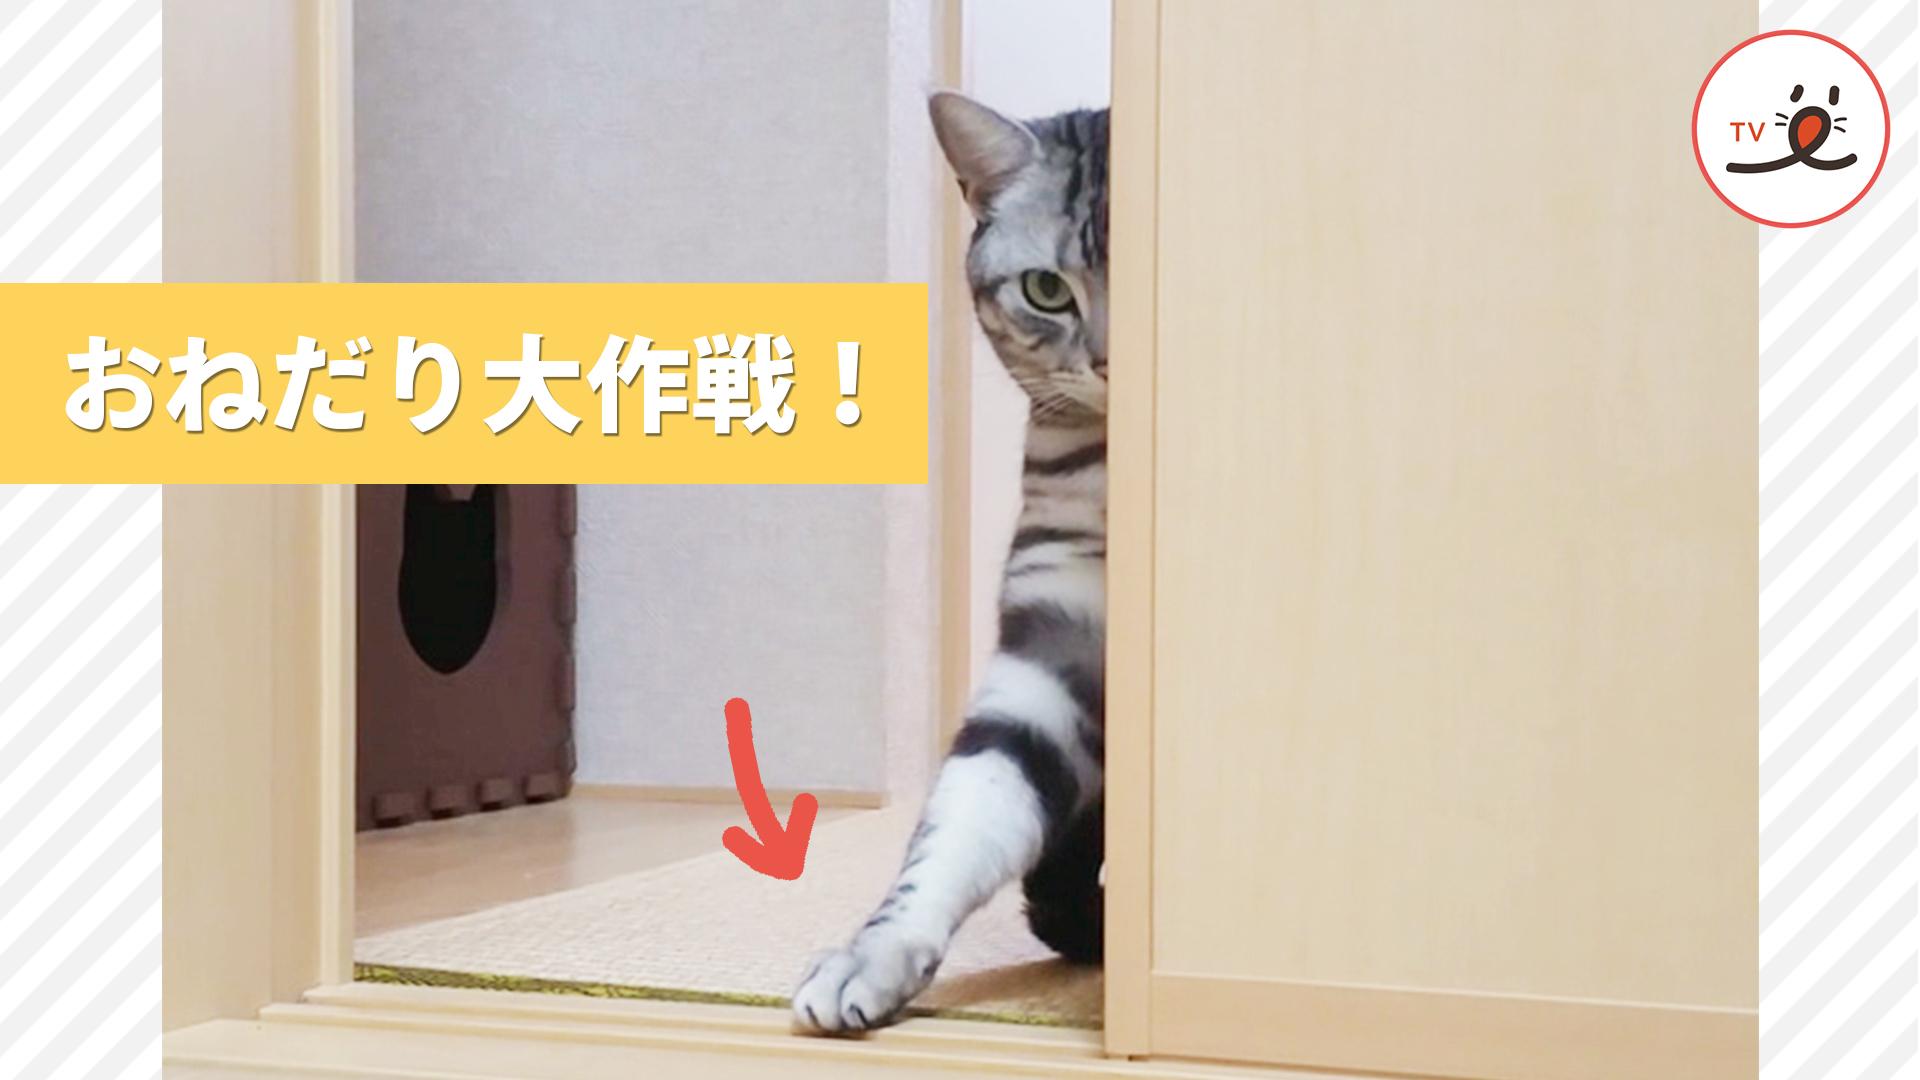 おねだり上手♡ 猫さんの思わずおやつをあげたくなってしまうおねだり🐾